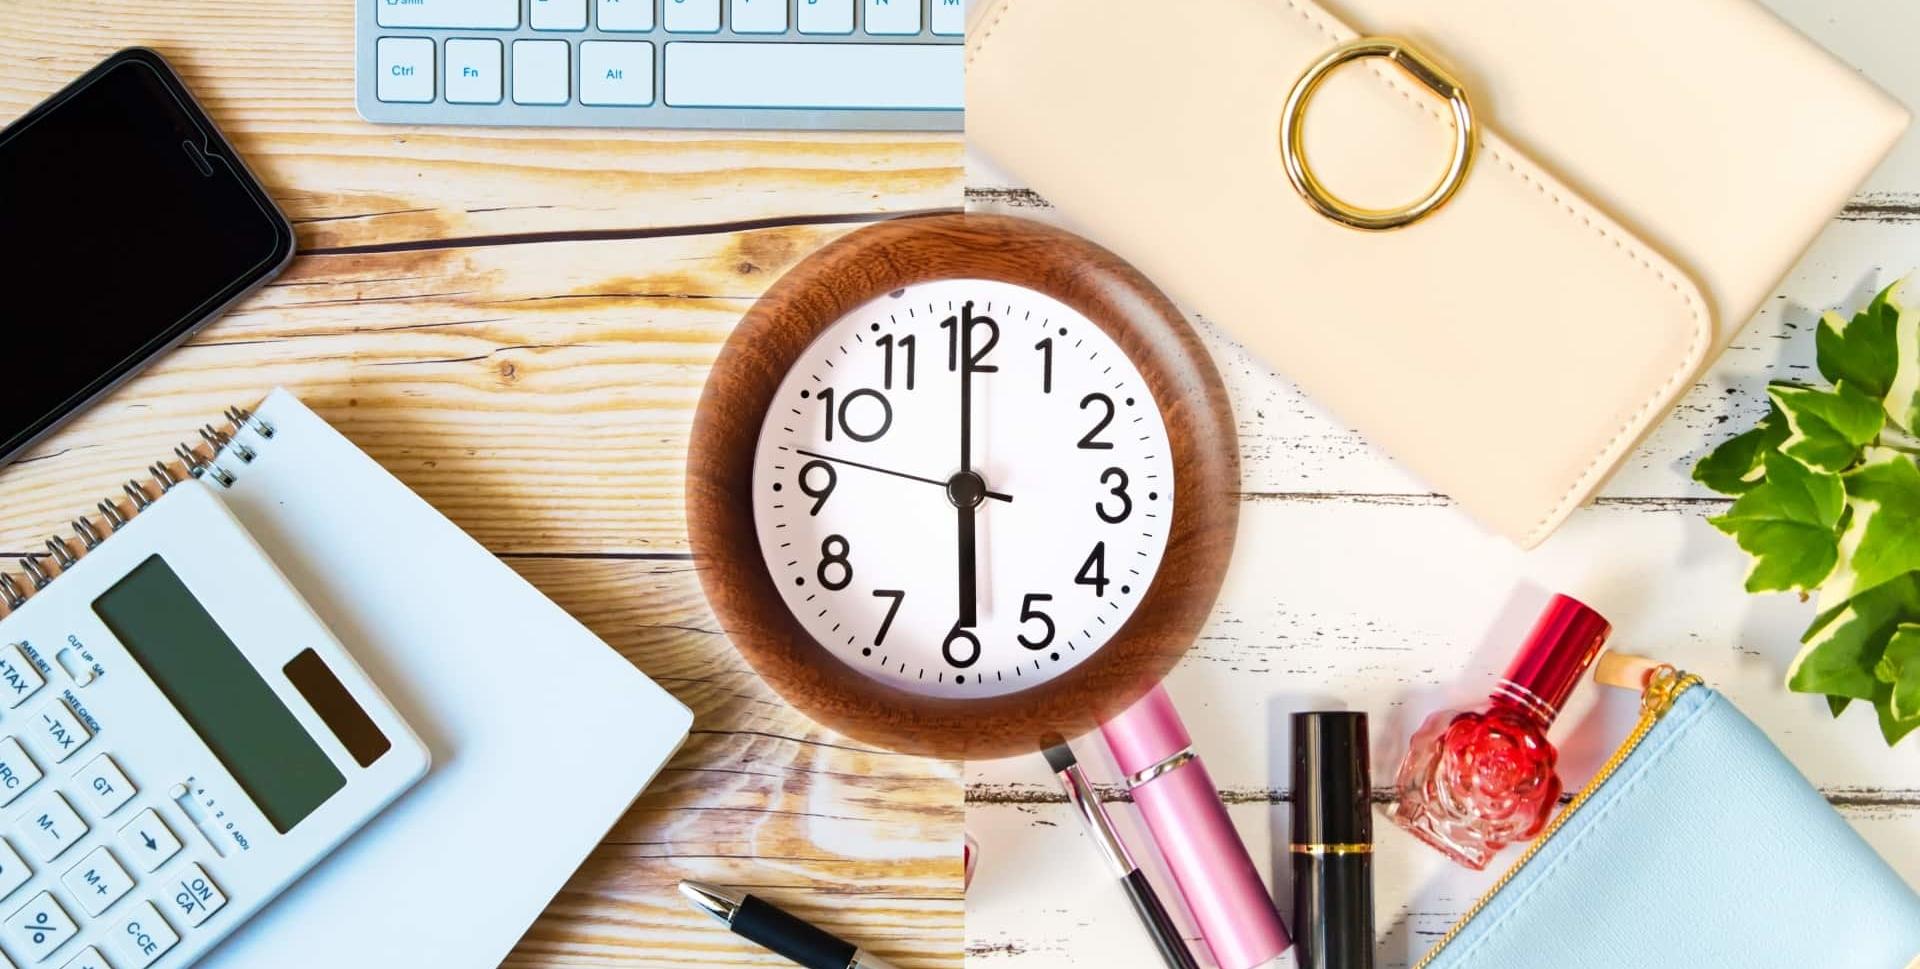 残業代は残業すればする程支払われると思っていませんか?実は労働時間で割増にならずに、会社によって異なる場合があります。この記事では、どのような場合に残業となり手当が発生するのかや、残業代の計算方法について解説します。休日出勤している場合や労働時間が変形の方は一読しておきましょう。